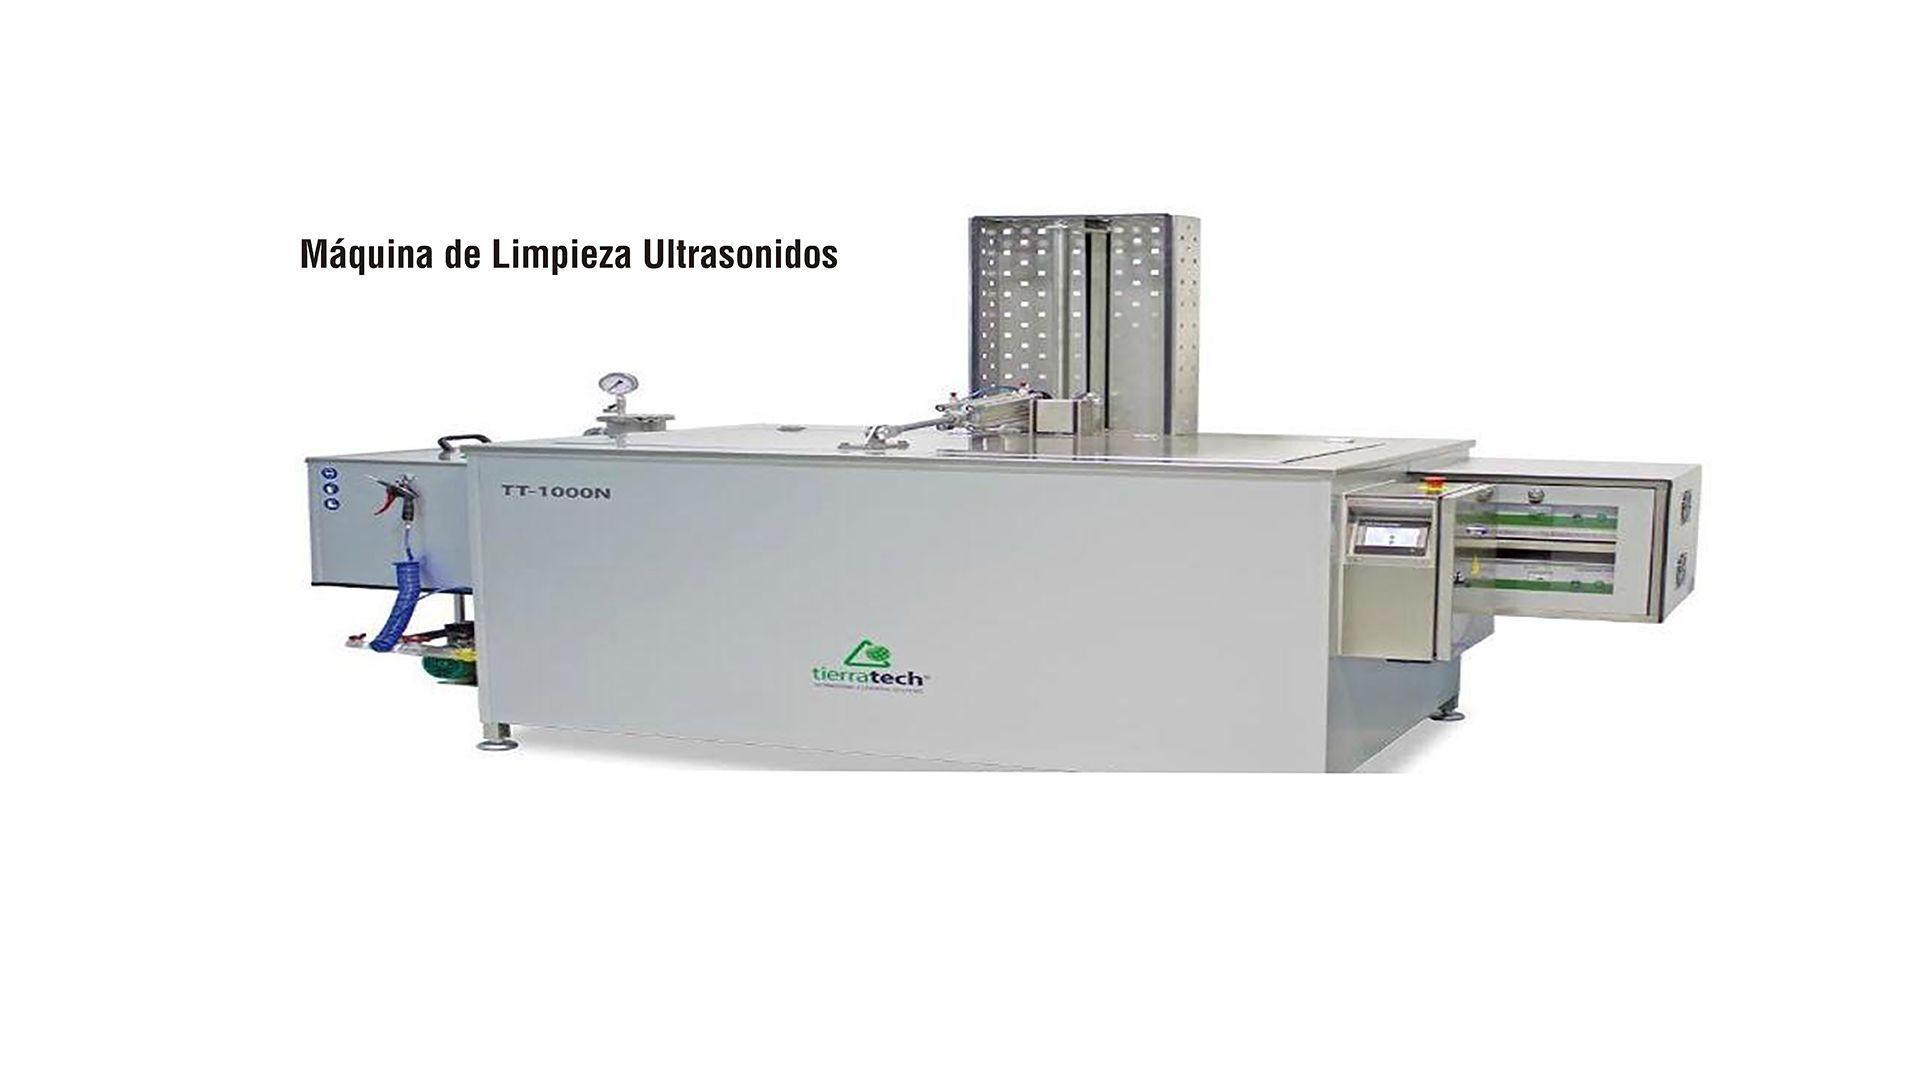 Máquina de limpieza ultrasonidos